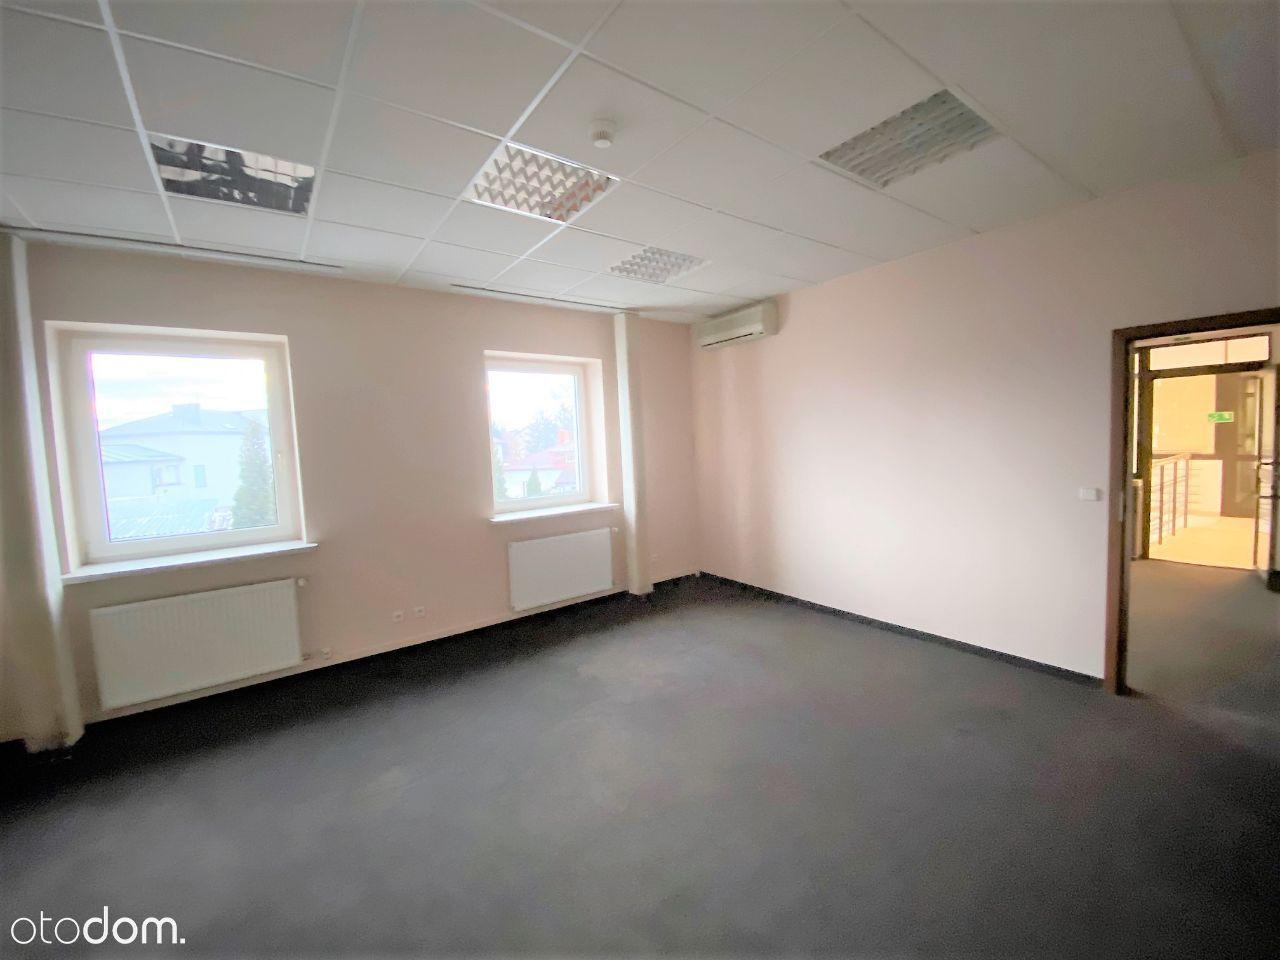 Biuro do wynajęcia 90m2 Wawer ul. Płowiecka 76A